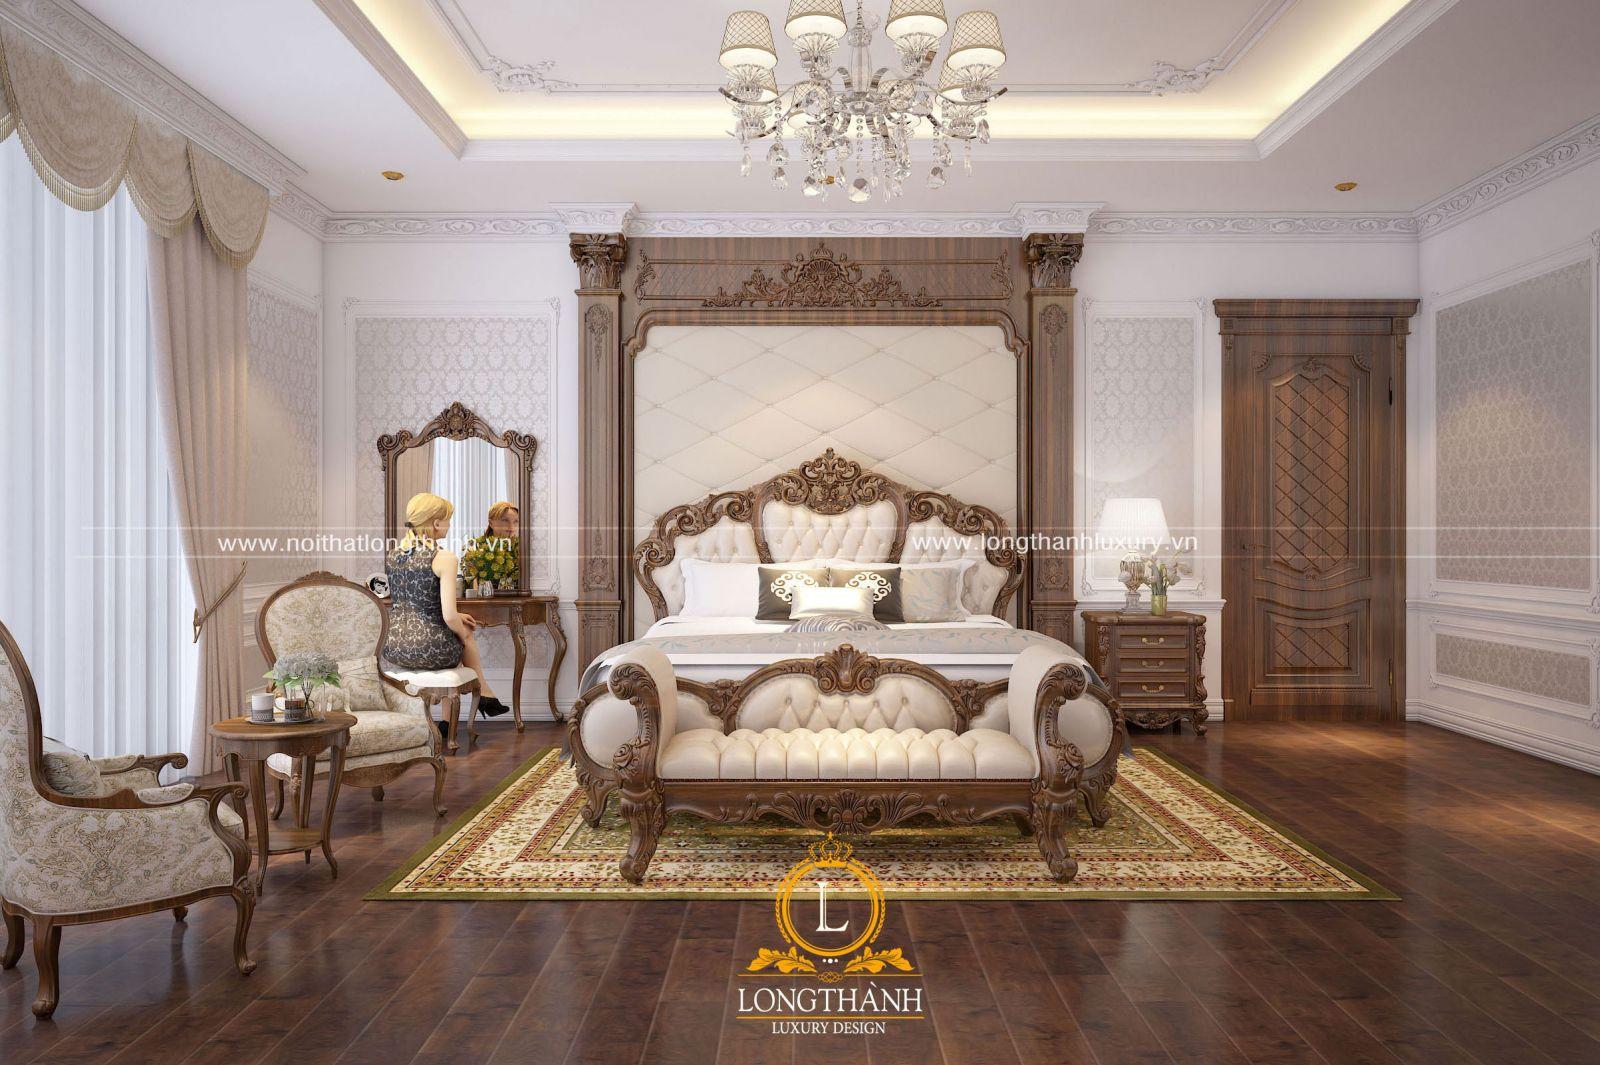 Thiết kế nội thất phòng ngủ nhà biệt thự tân cổ điển tại Nội thất Long Thành